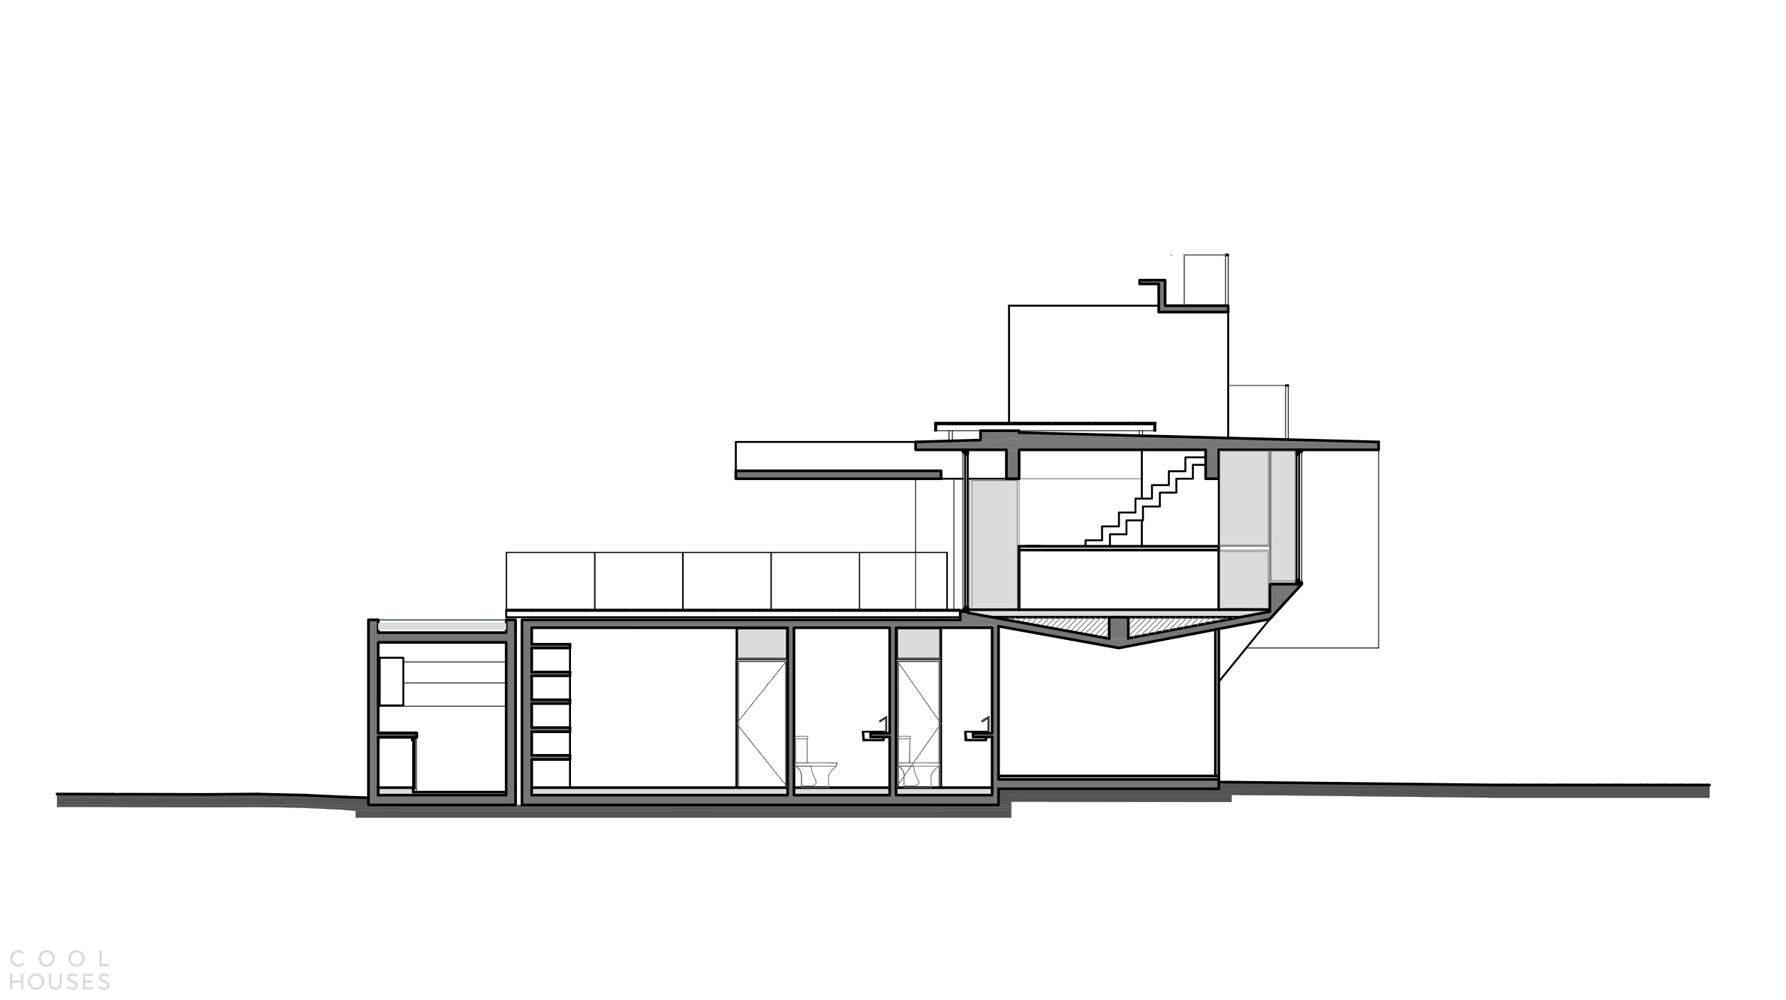 Бетонный дом, поддерживаемый треугольной колонной, Аргентина